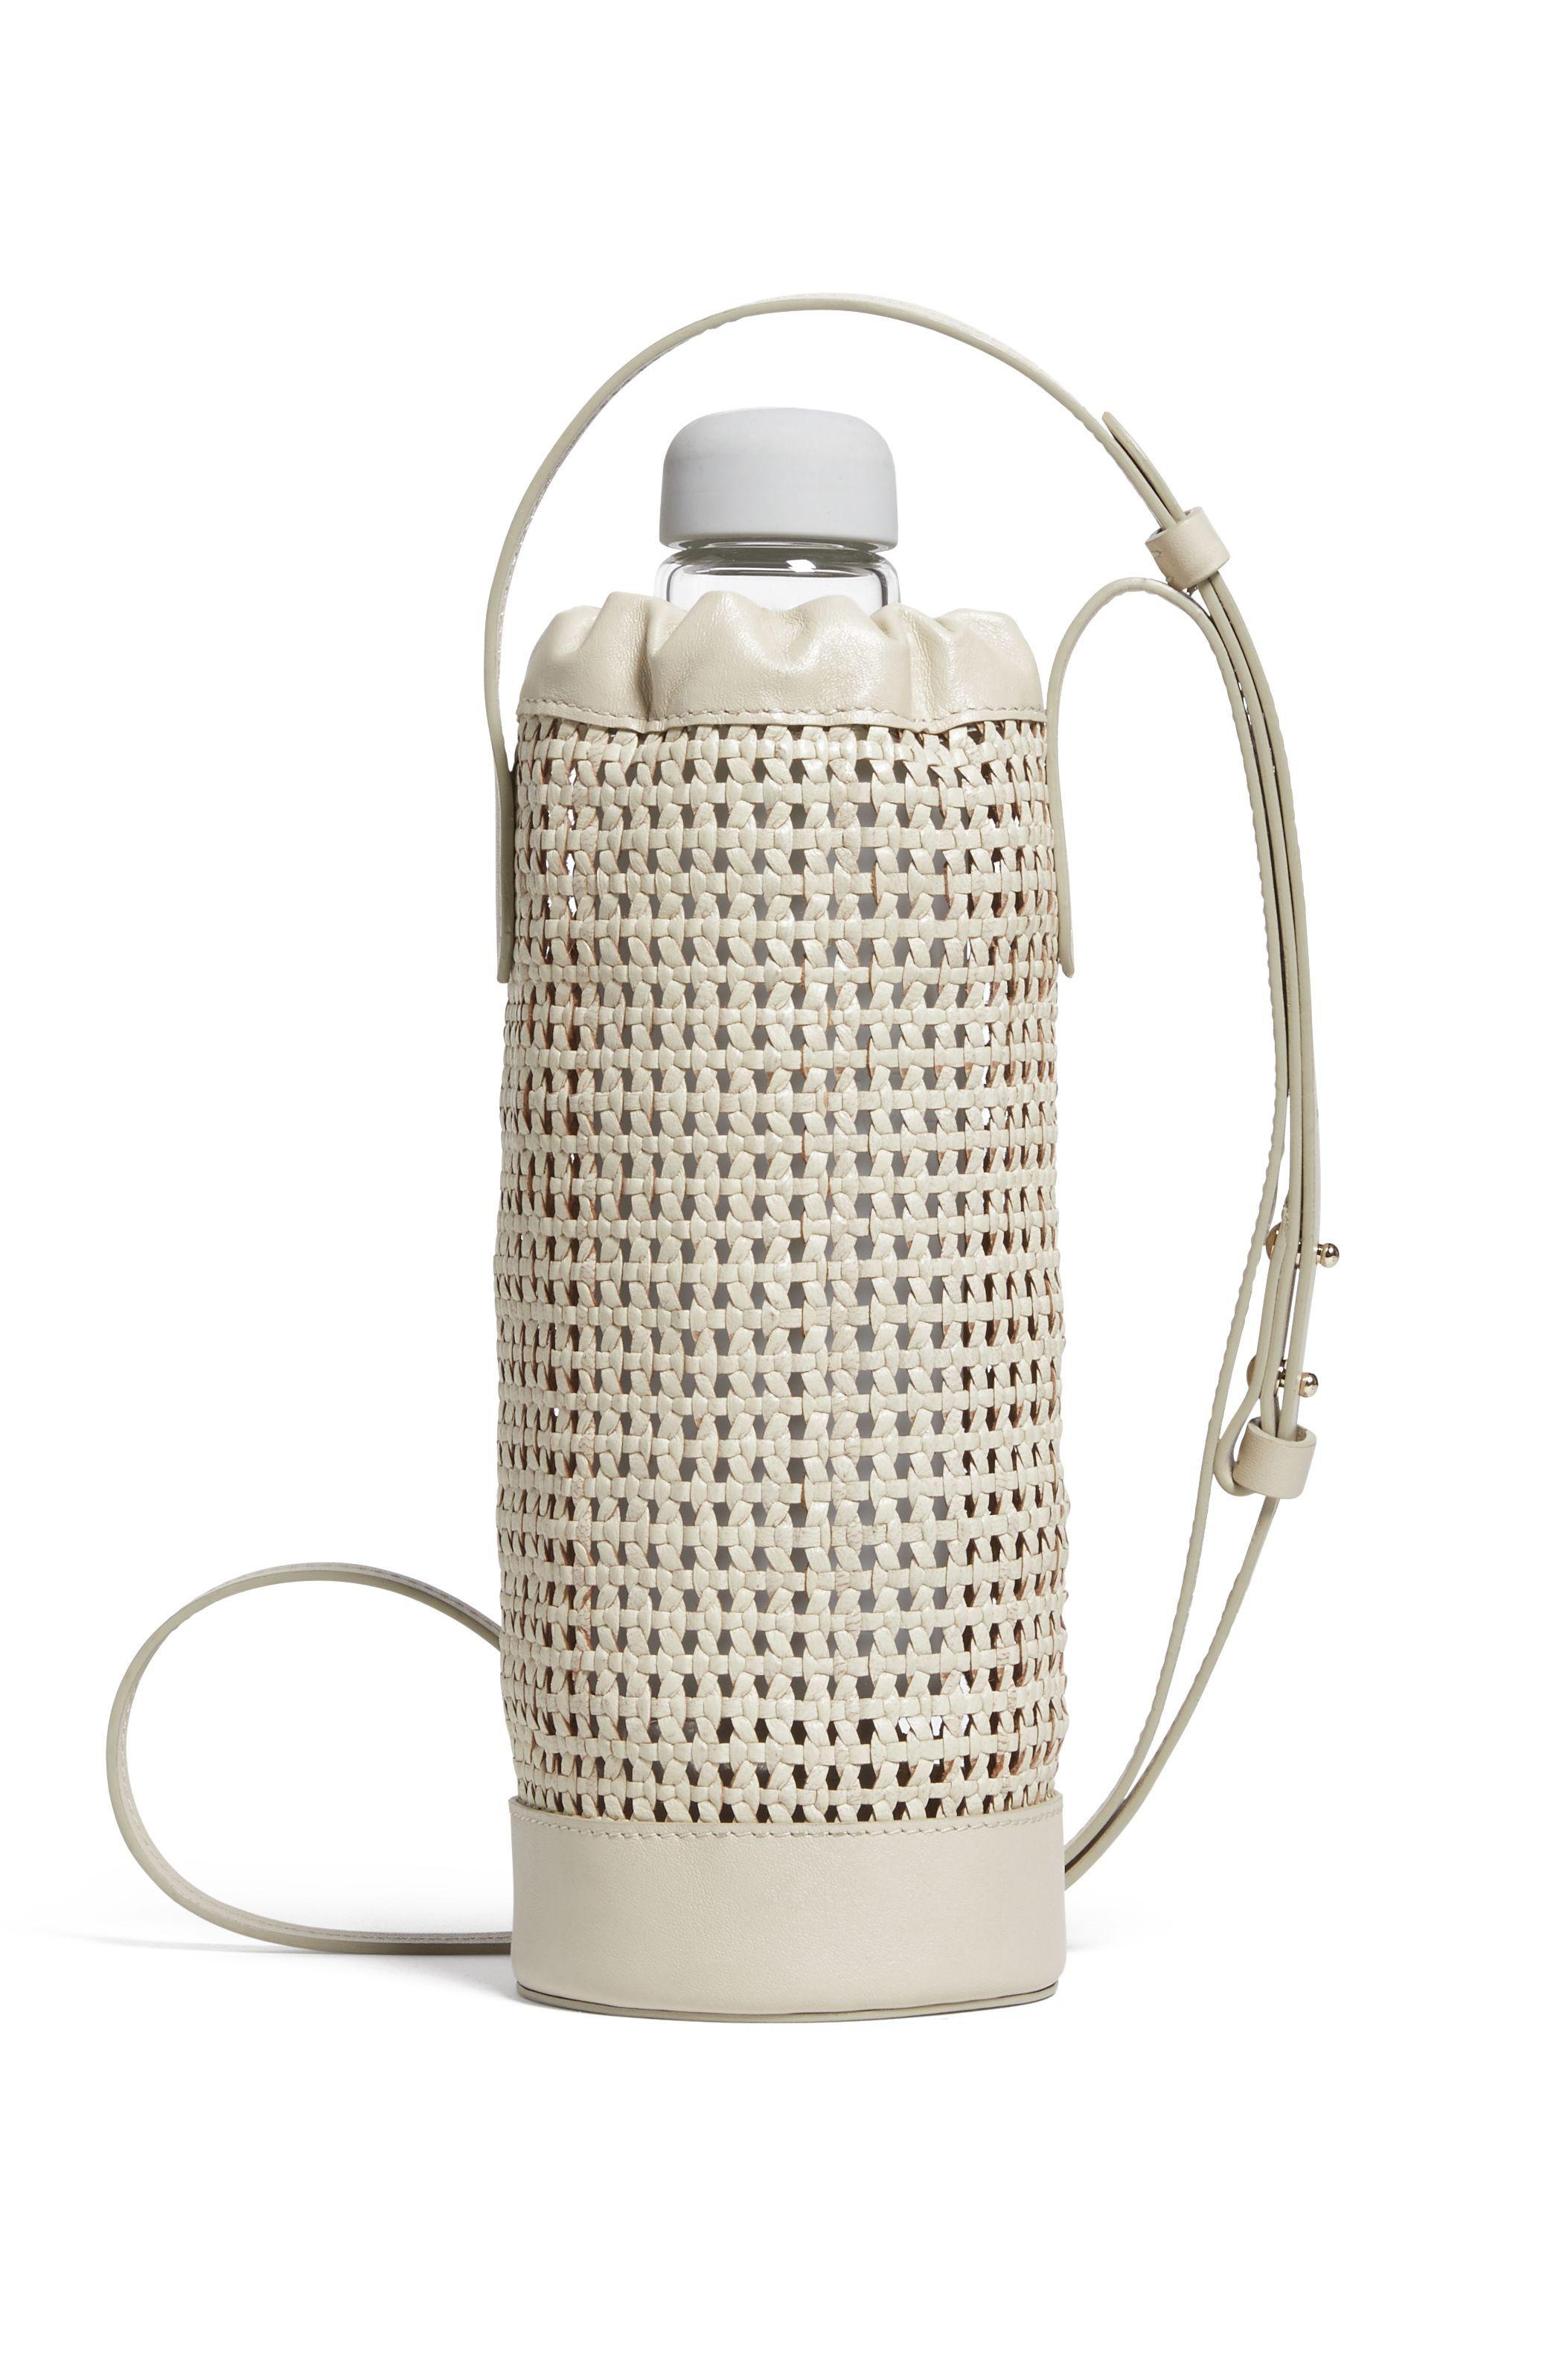 varicoză de marfă cum să luați băi de sodiu din varicoză